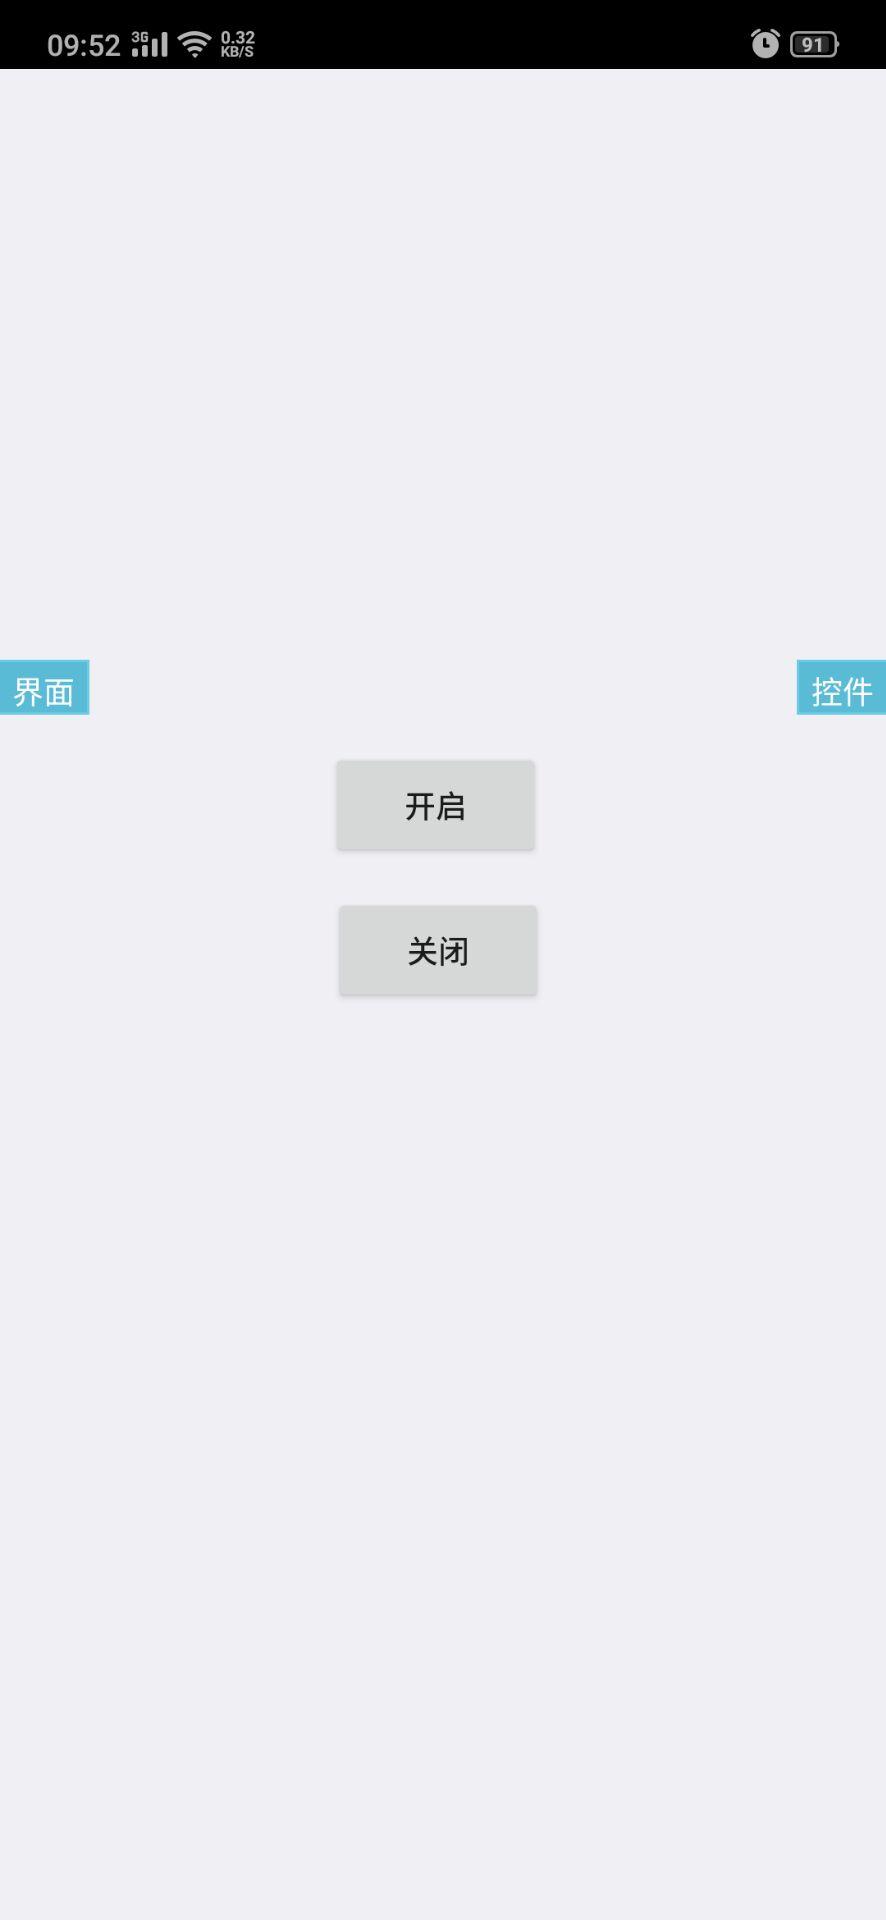 【资源分享】假装锁机(损友损友)-爱小助